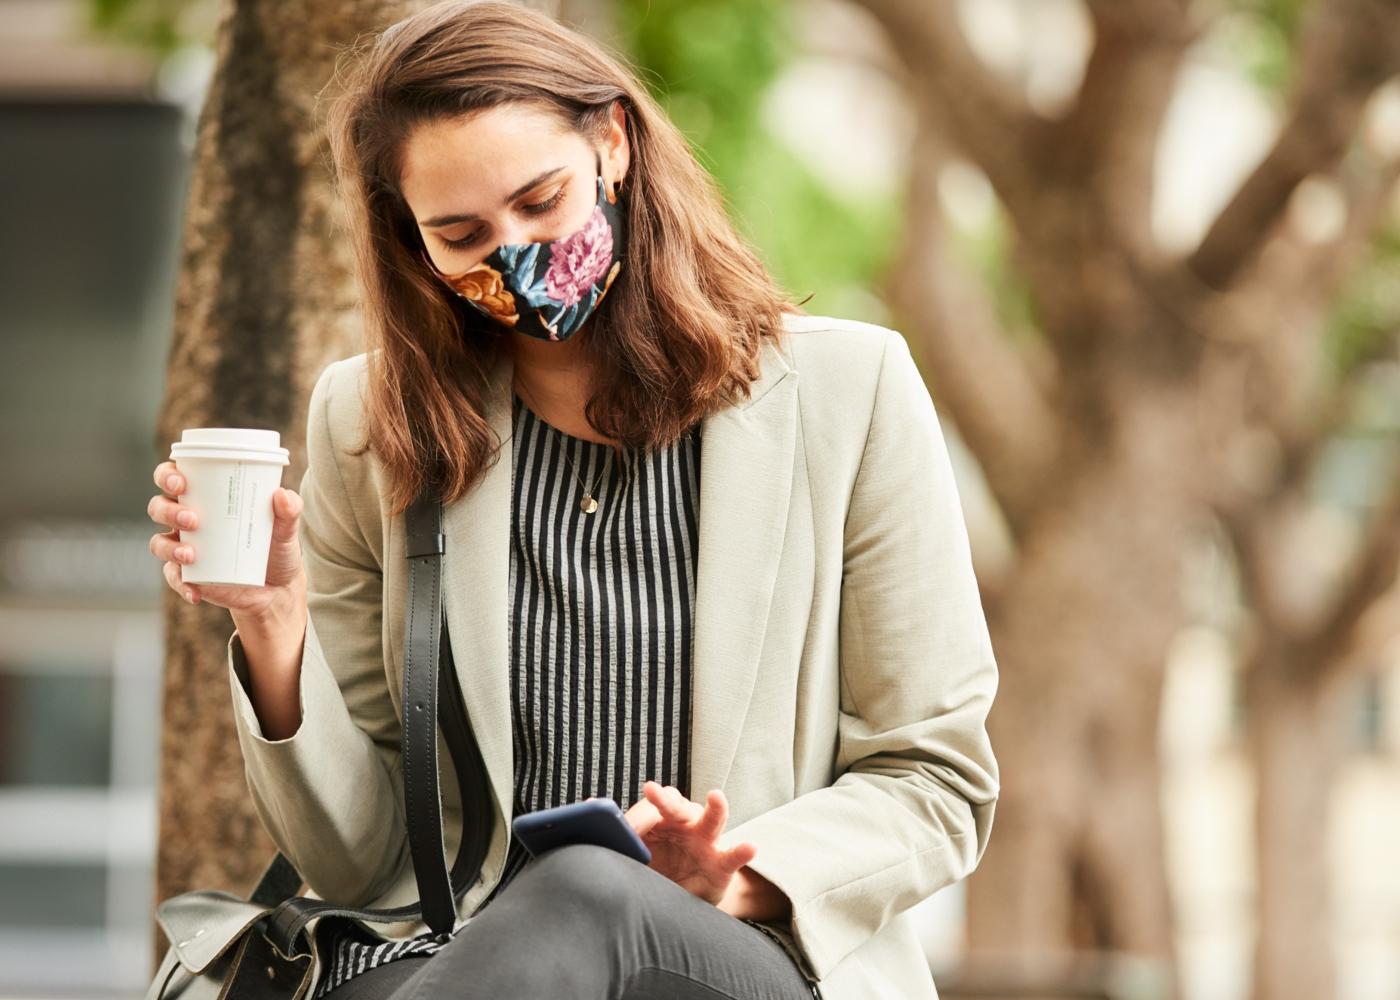 Mulher com máscara comunitária sentada no banco de um jardim